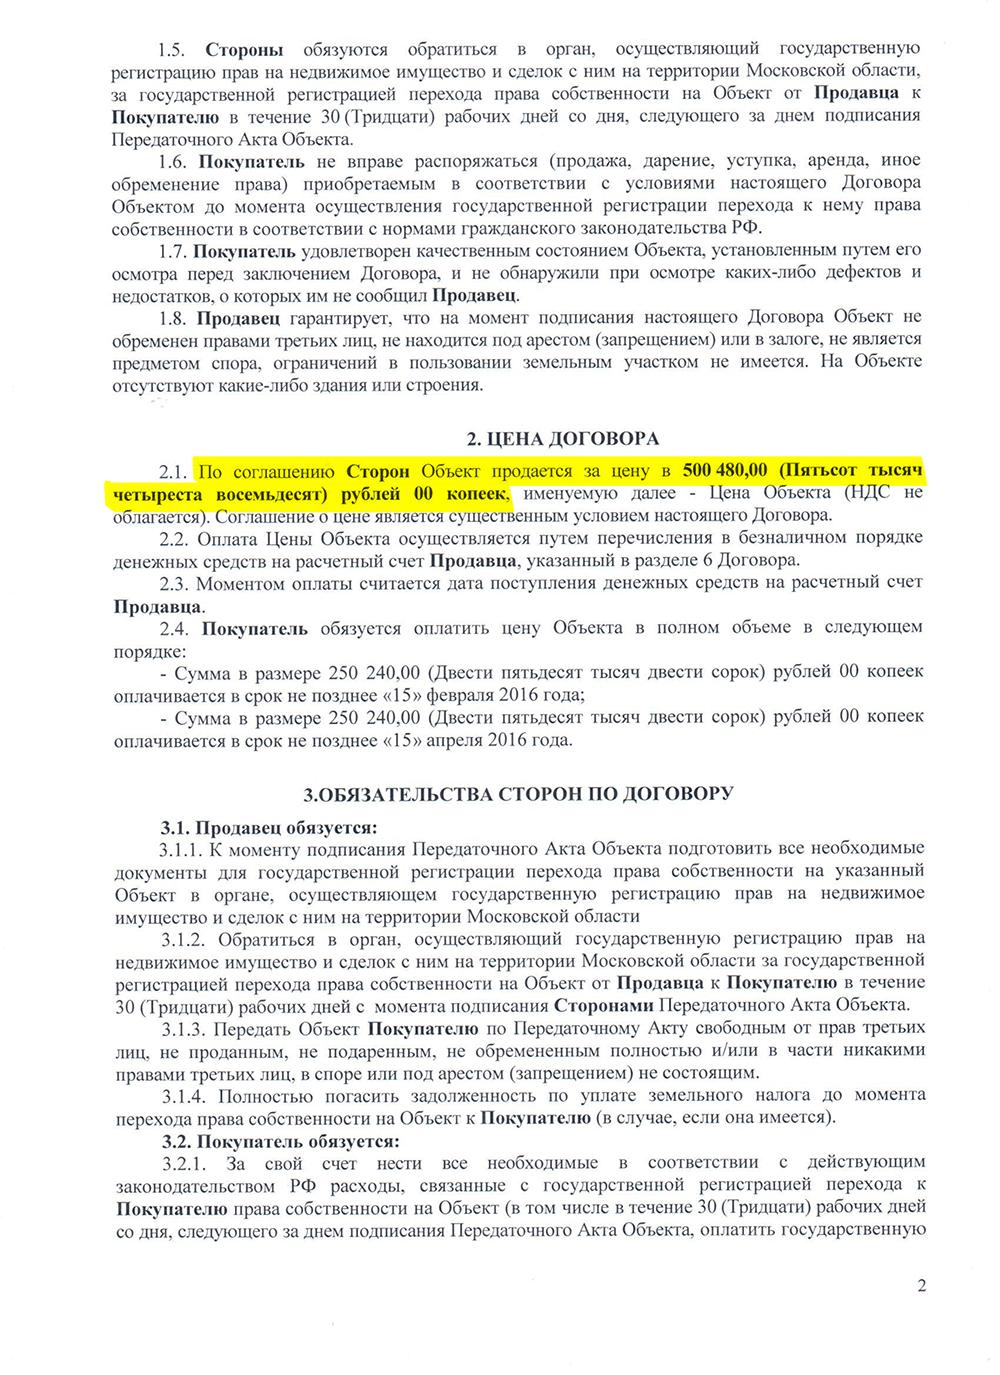 Договор купли-продажи. Следует проверить цену, кадастровый номер участка и на каком основании он принадлежит девелоперу